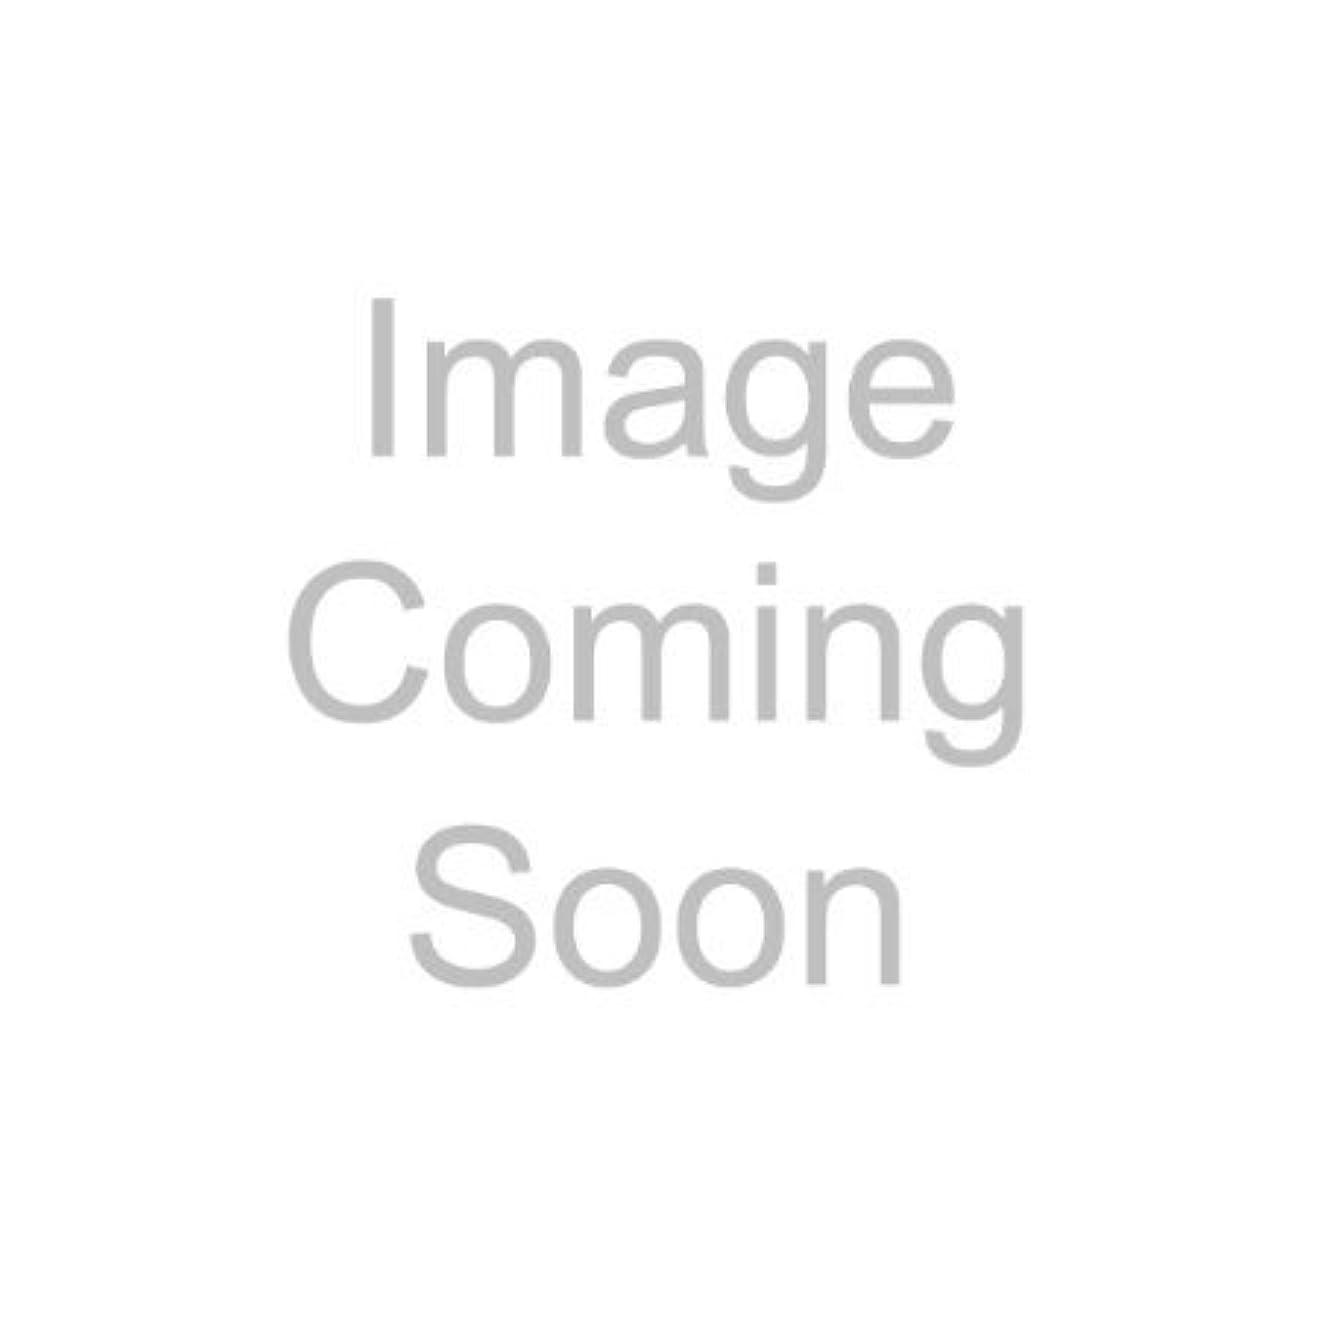 ひどく緩めるバーガーエリザベスアーデン ビジブル ホワイトニング メラニン コントロール ナイトカプセル トラベルセット 17.2mlx3(37カプセルx3) [並行輸入品]